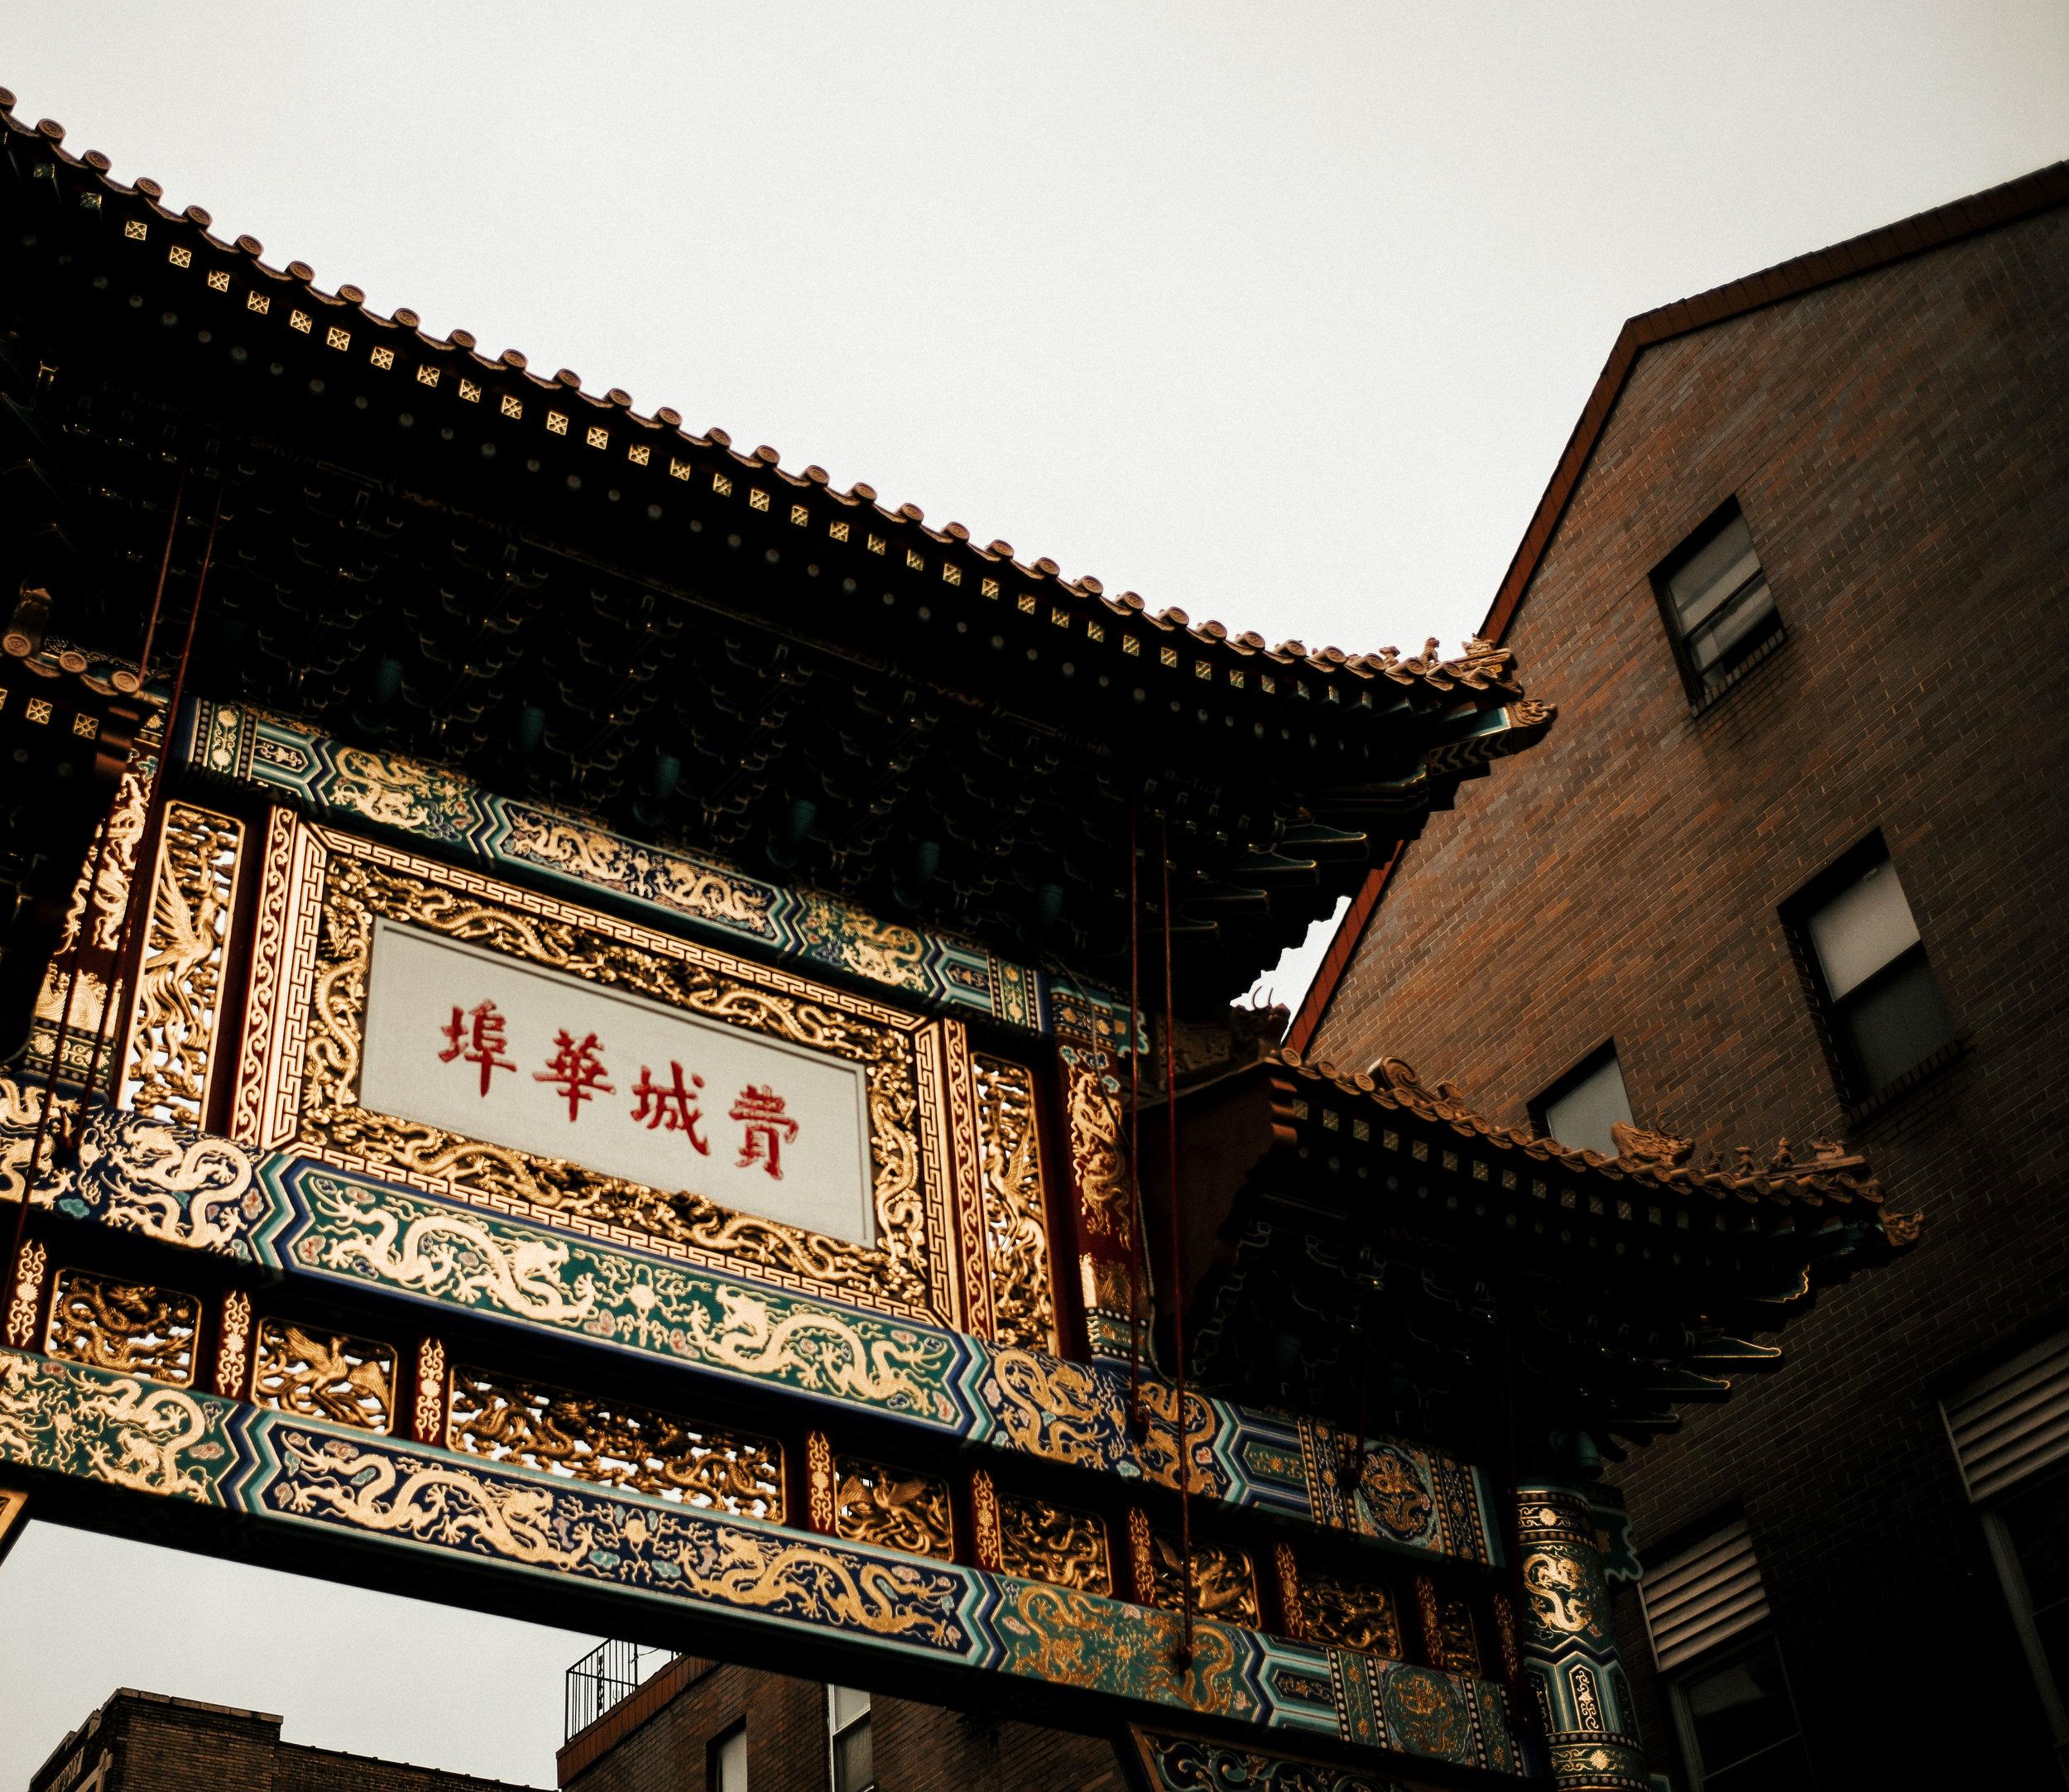 kw-chinatown-img4.jpg